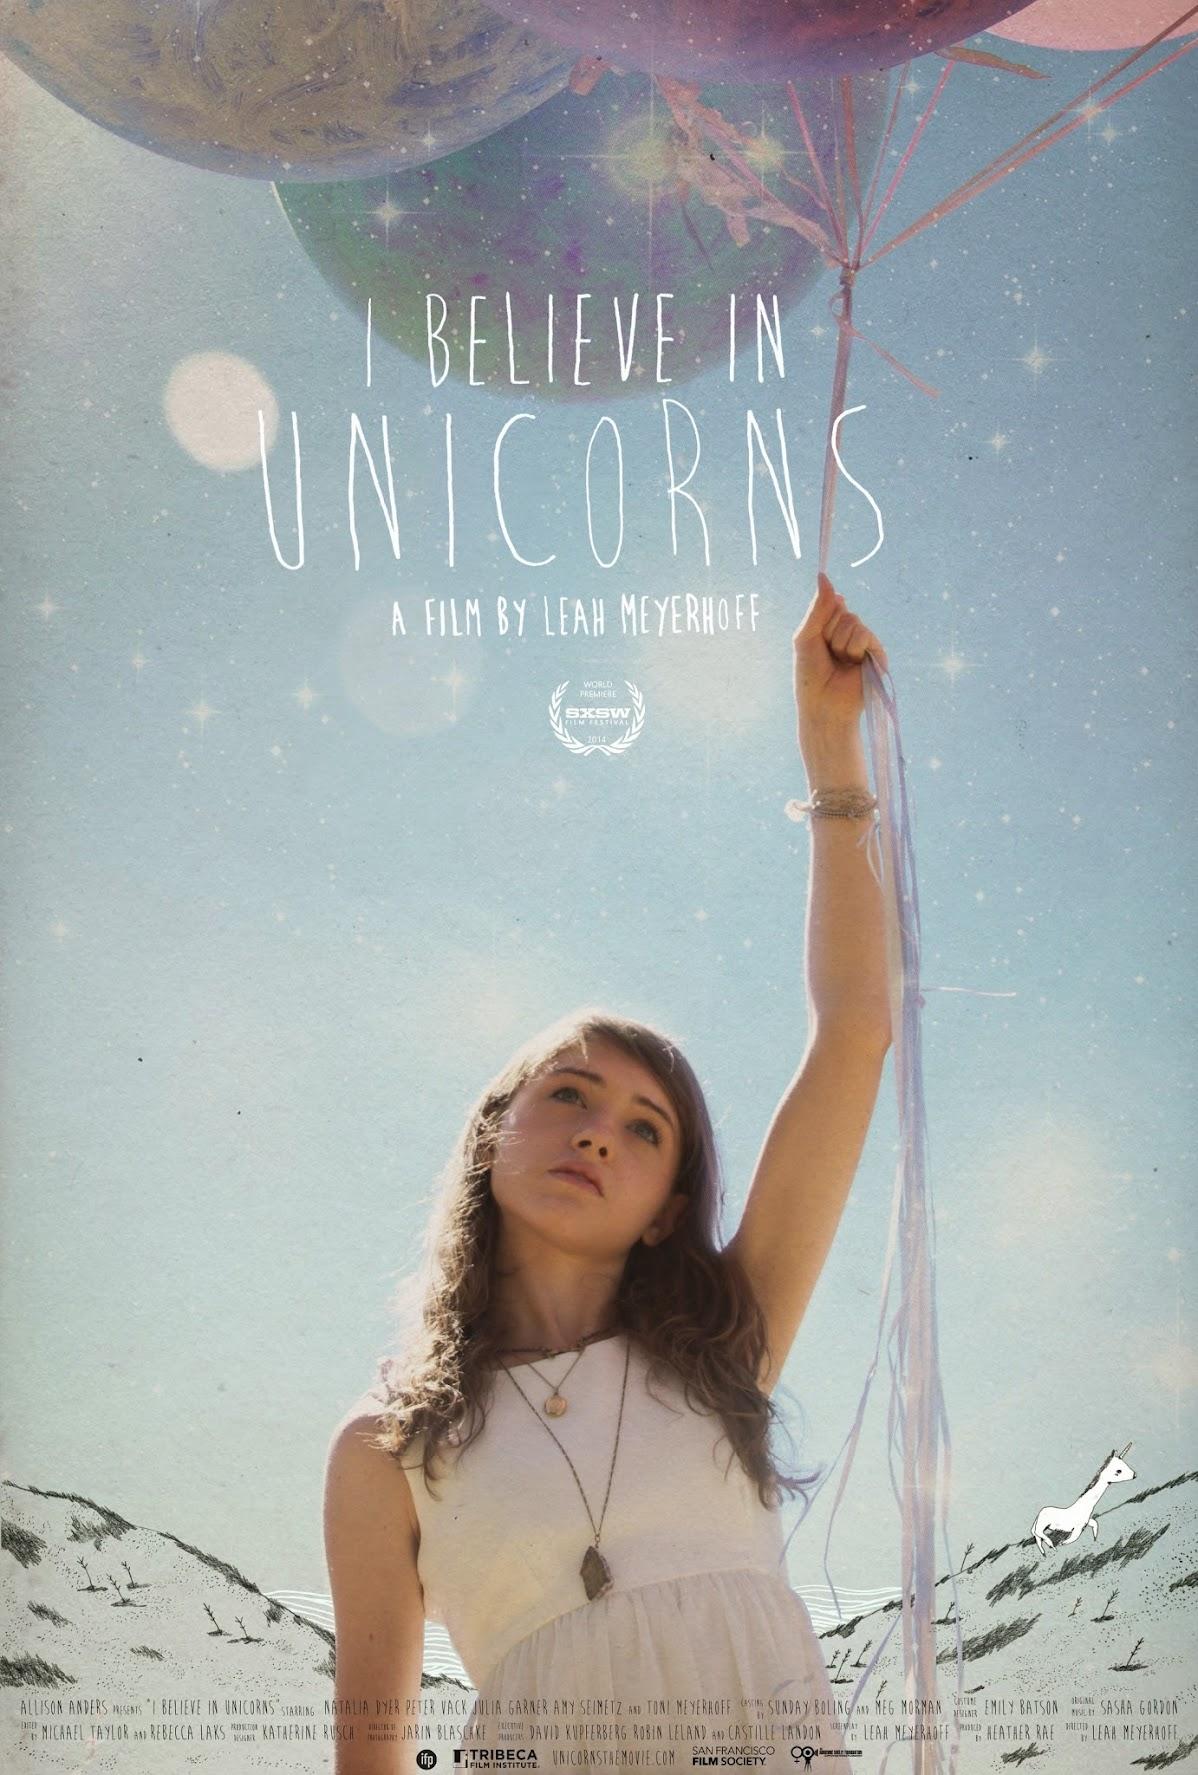 http://2.bp.blogspot.com/-q9vc-R05k40/U0gNASZA5QI/AAAAAAAAVP4/2TJFzHsQTJQ/s1775/I_Believe_In_Unicorns_Oficial_Poster_JPosters.jpg